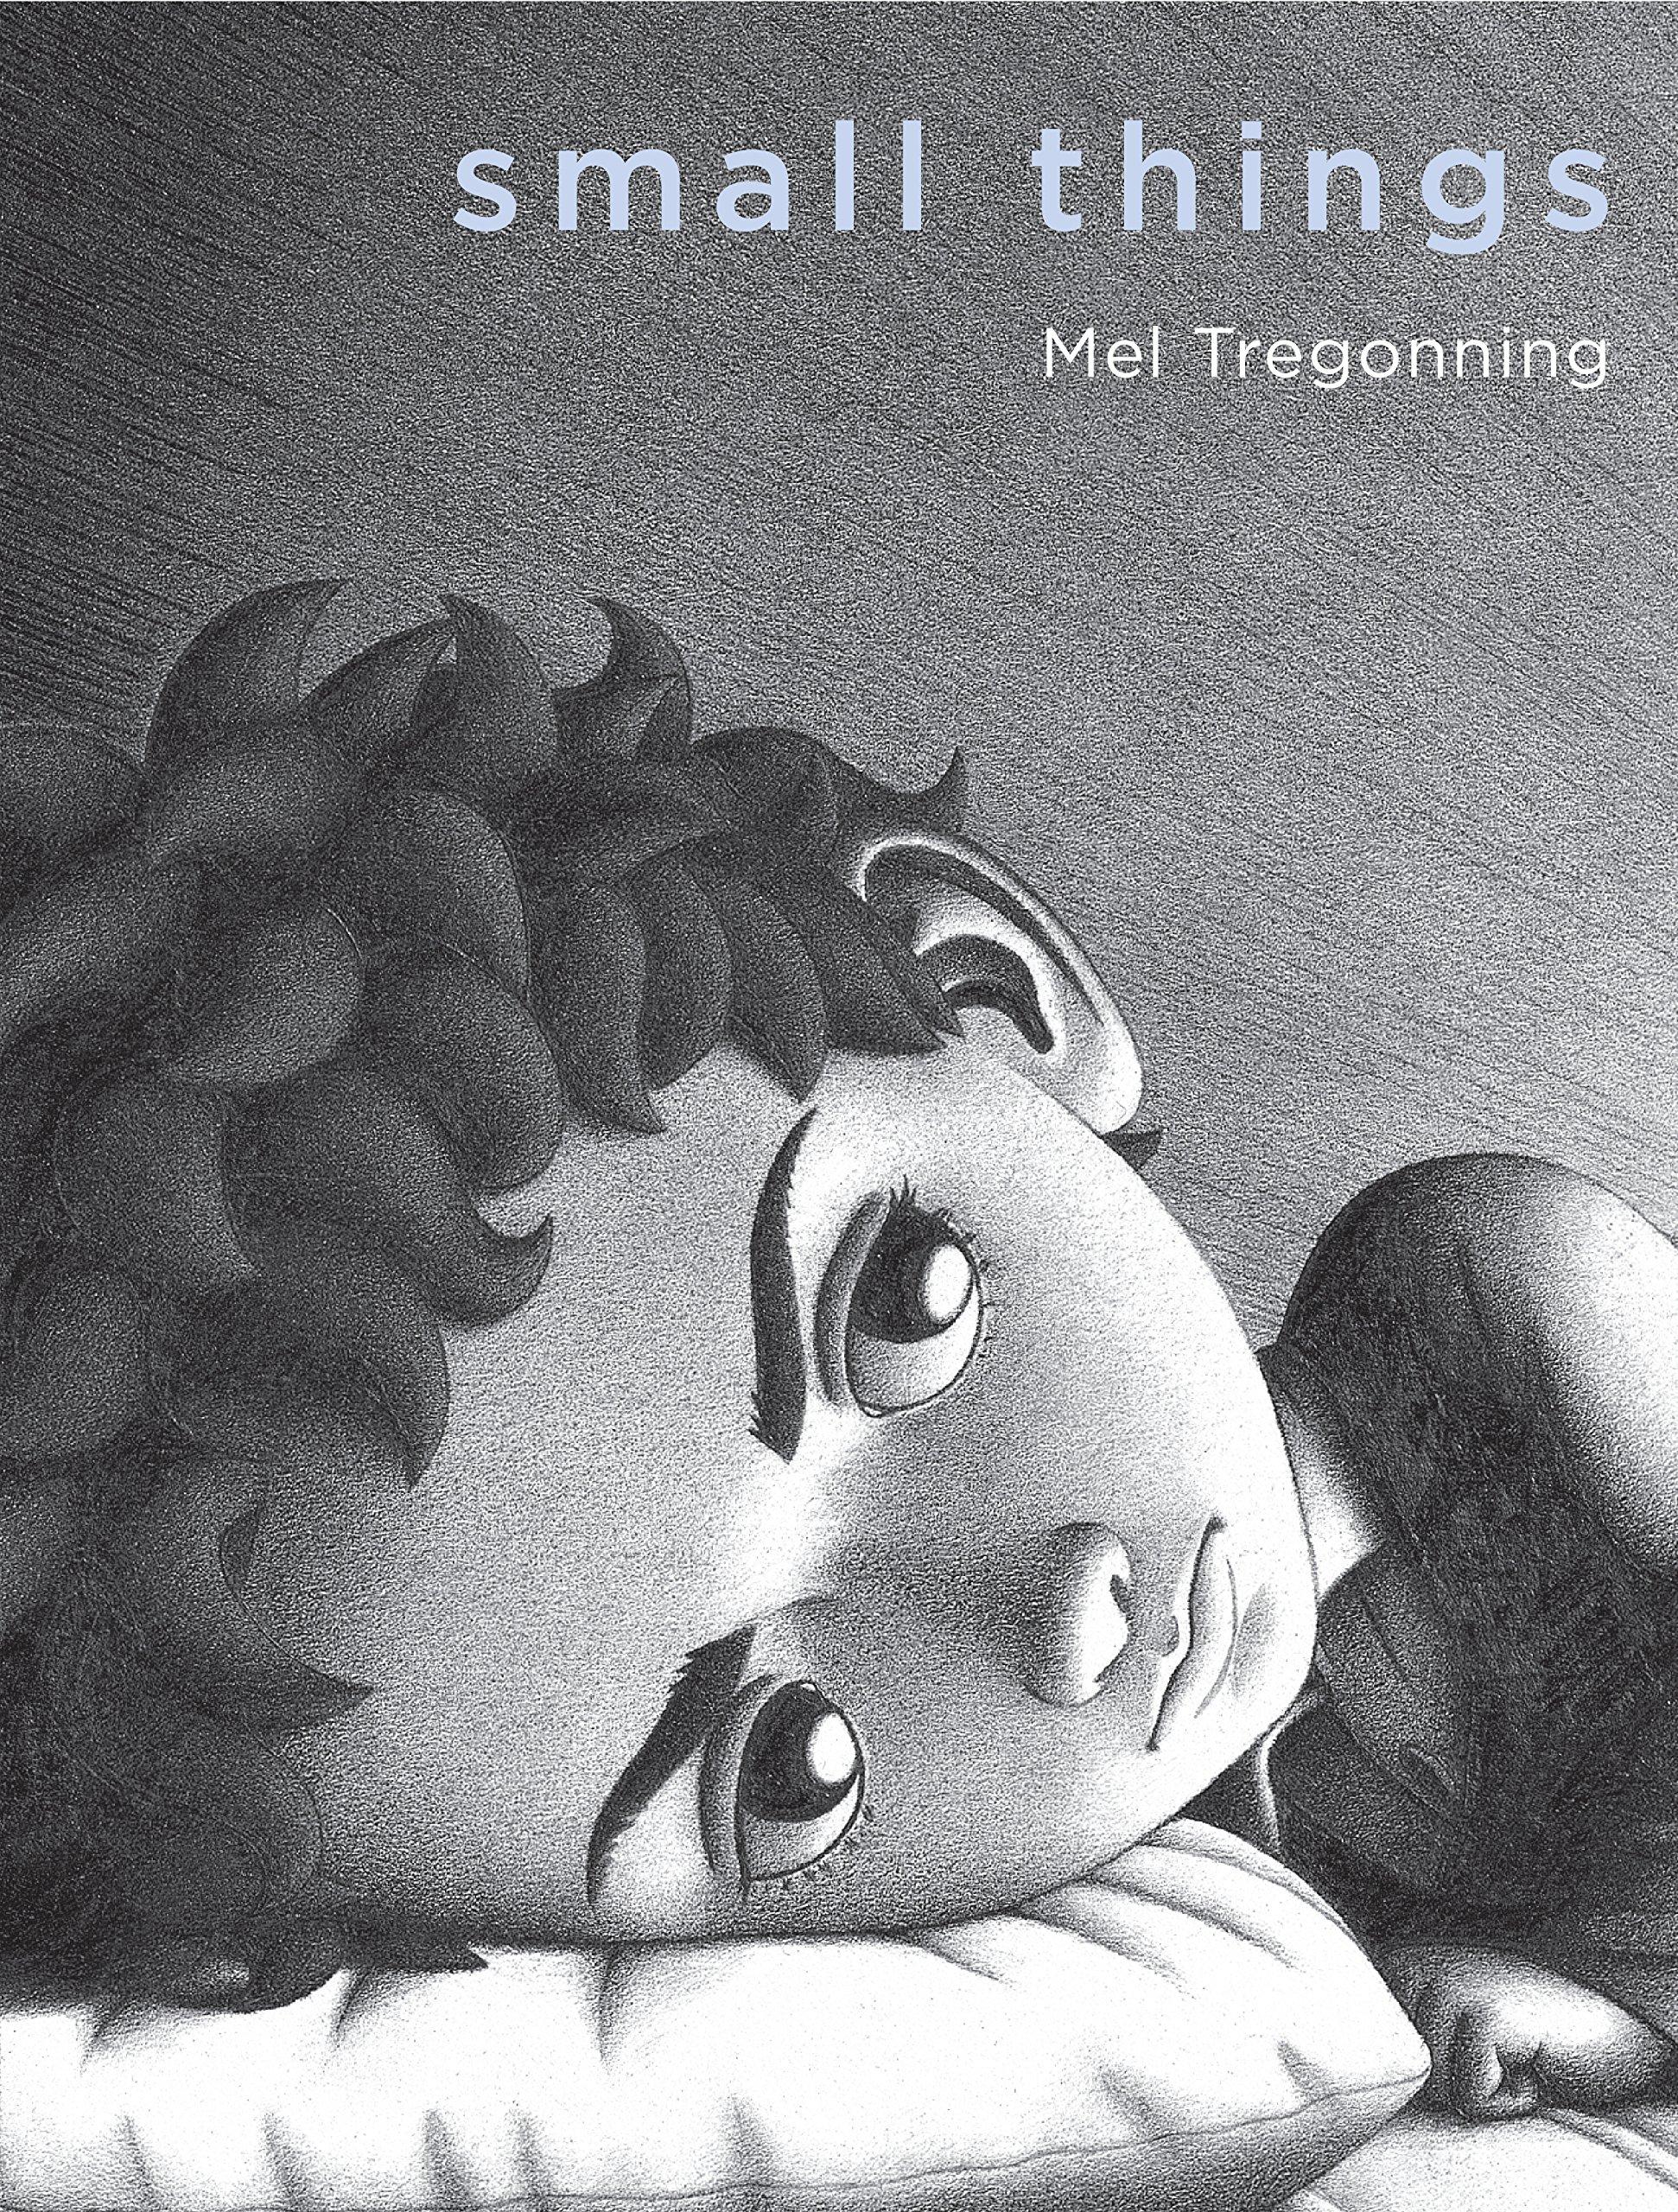 Small Things: Amazon.co.uk: Tregonning, Mel: 9781742379791: Books